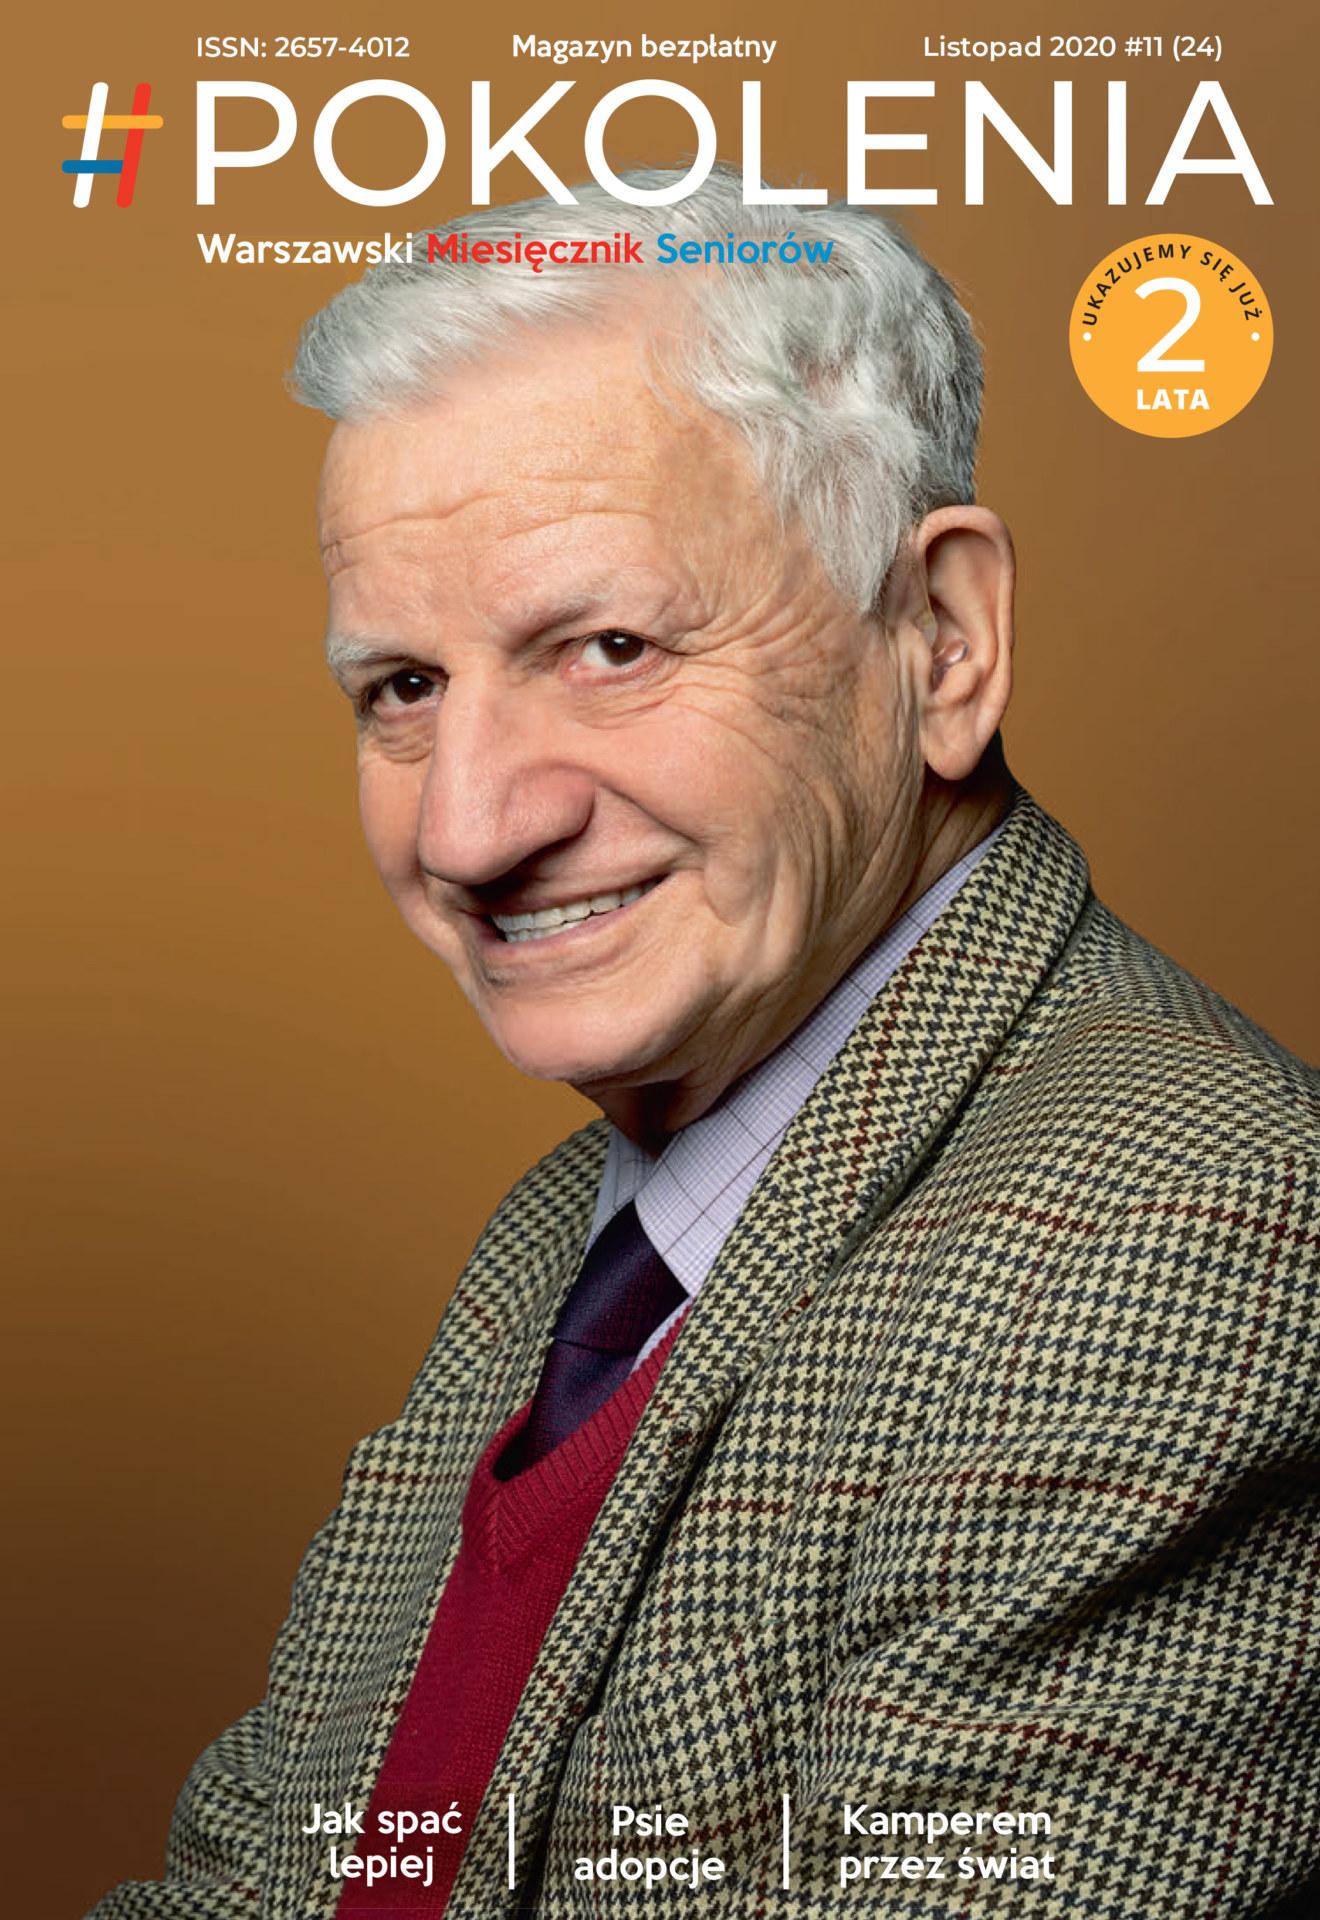 Starszy mężczyzna uśmiecha się. Okładka 24 nr Pokolenia.